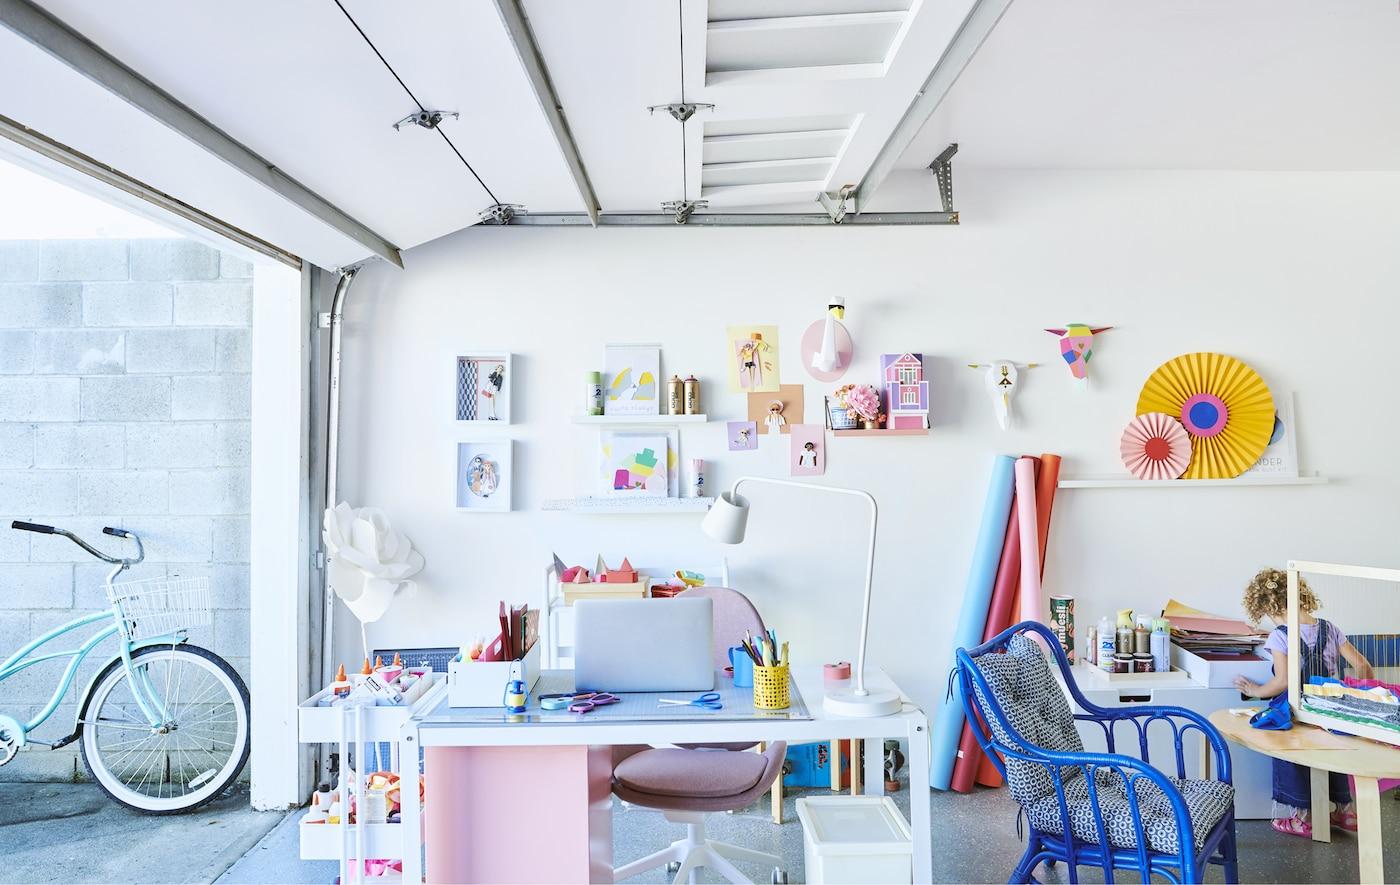 Un garage con la saracinesca aperta adibito a spazio di lavoro con una parete dedicata alle creazioni artistiche, una scrivania, sedie e un carrello - IKEA